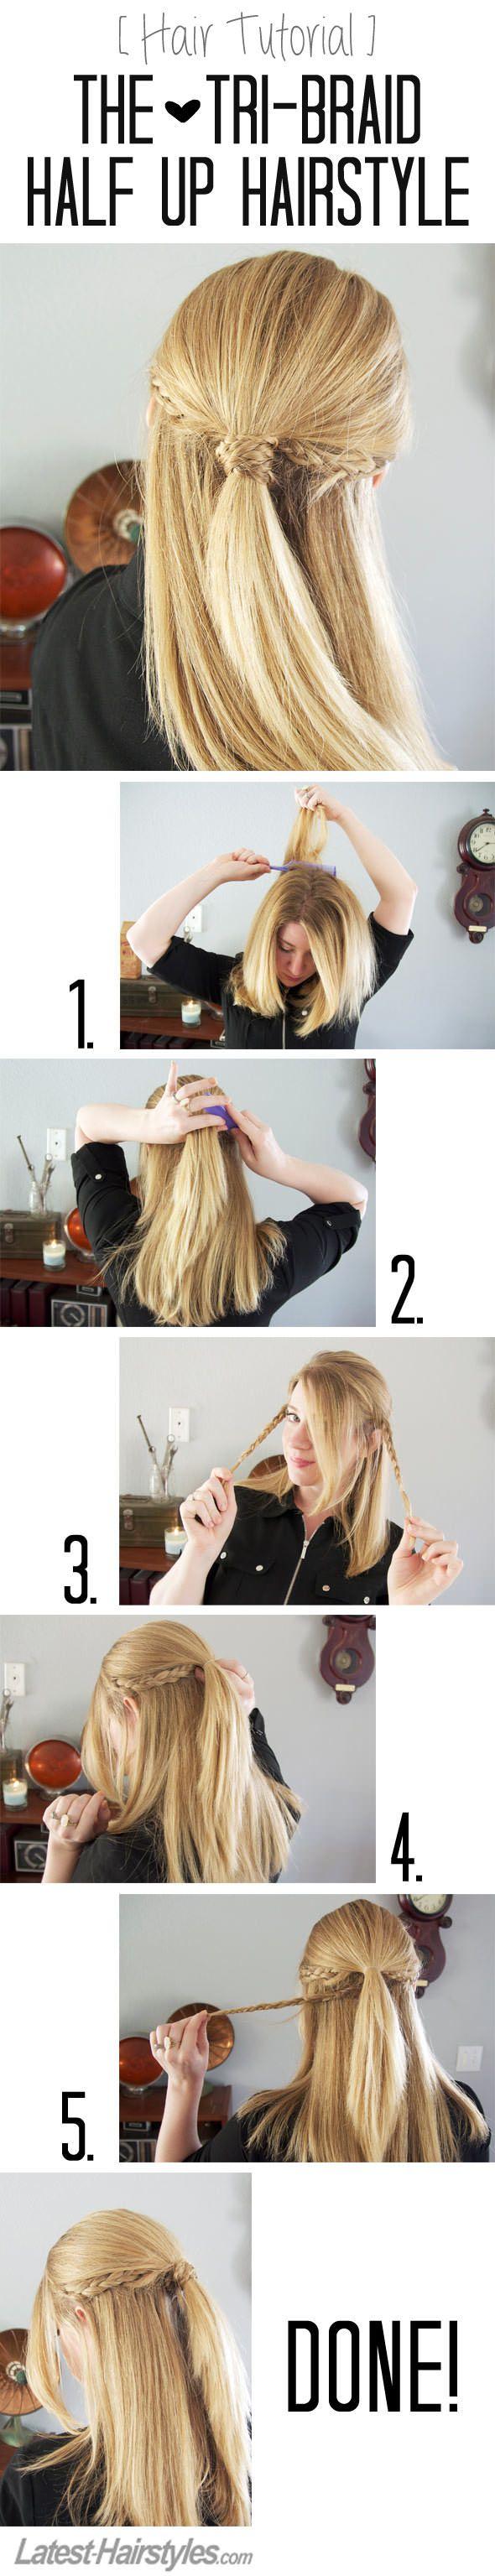 Hair Tutorial The Tri-Braid Half Up Hairstyle